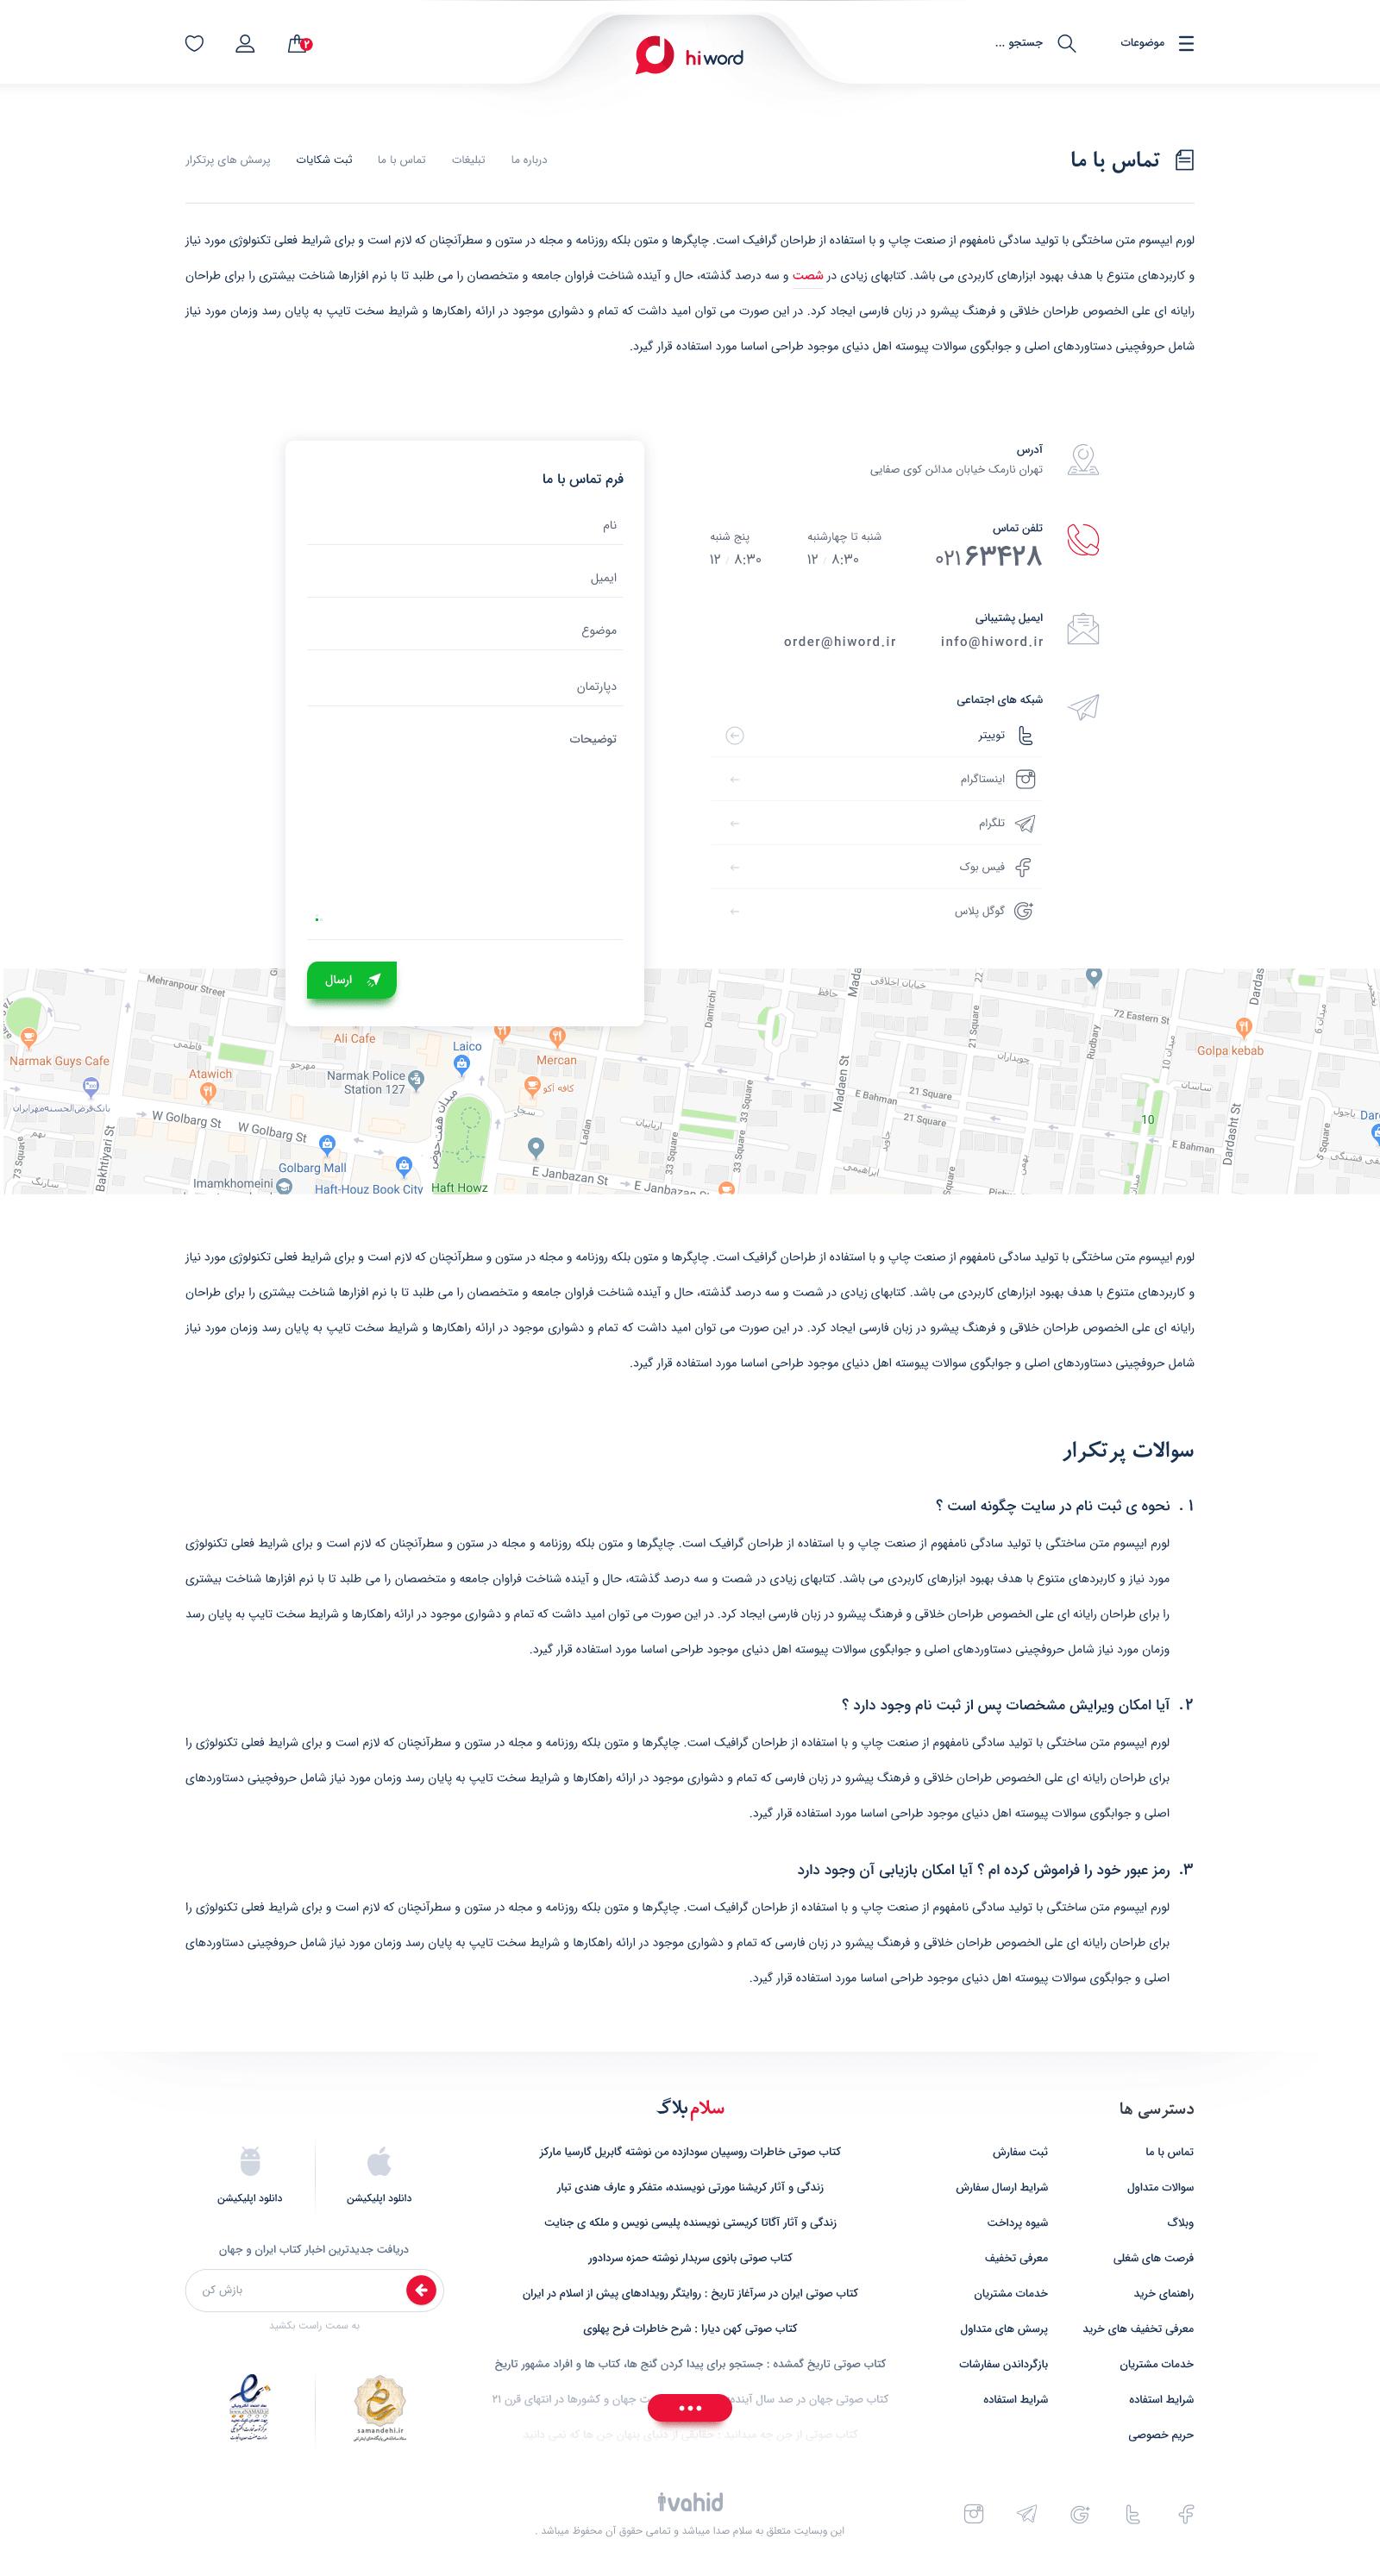 صفحه تماس با ما